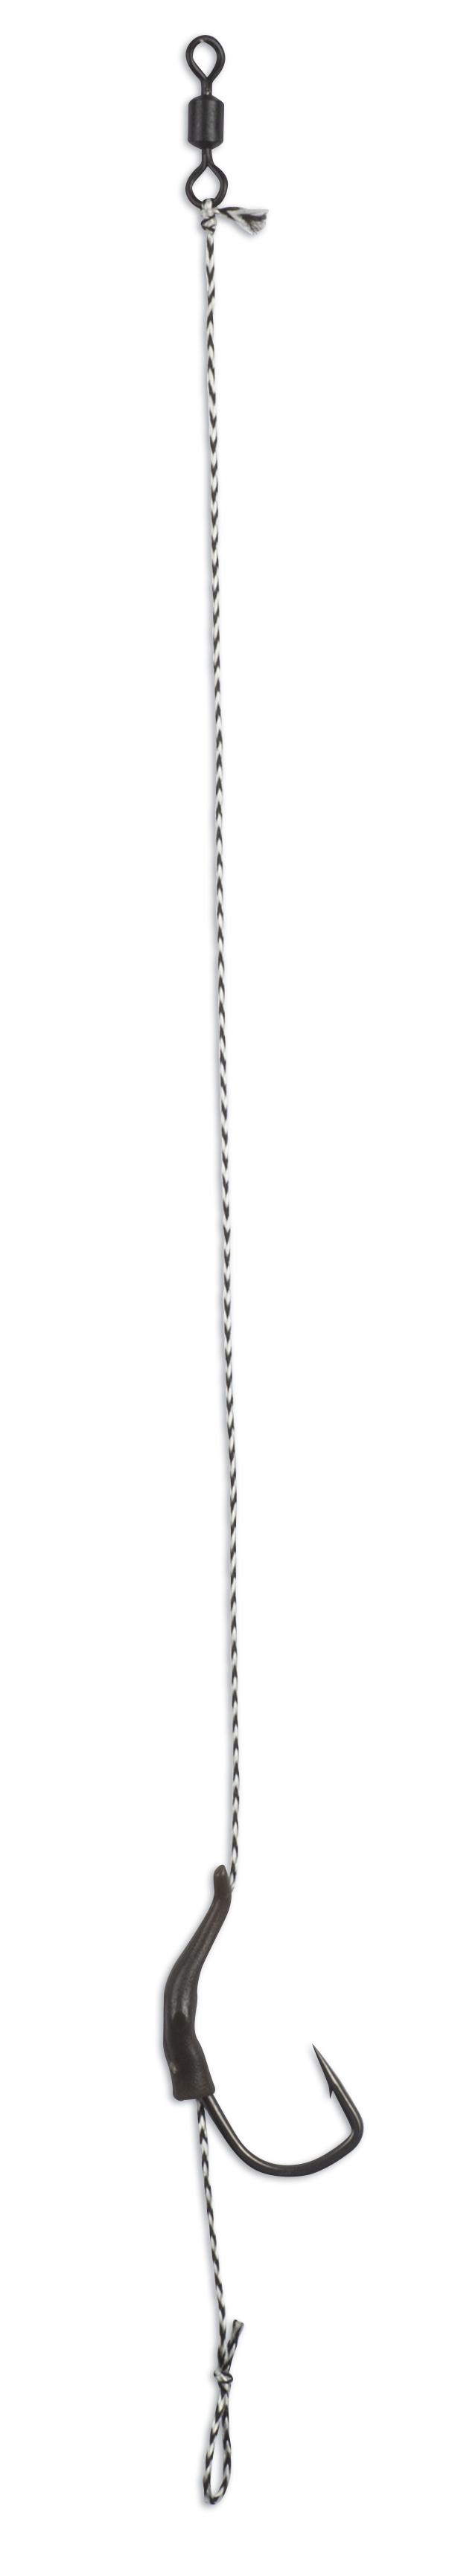 Nadväzec Anaconda RS Piercer Line Aligner Rig Angle 90 TGX s protihrotom č.8